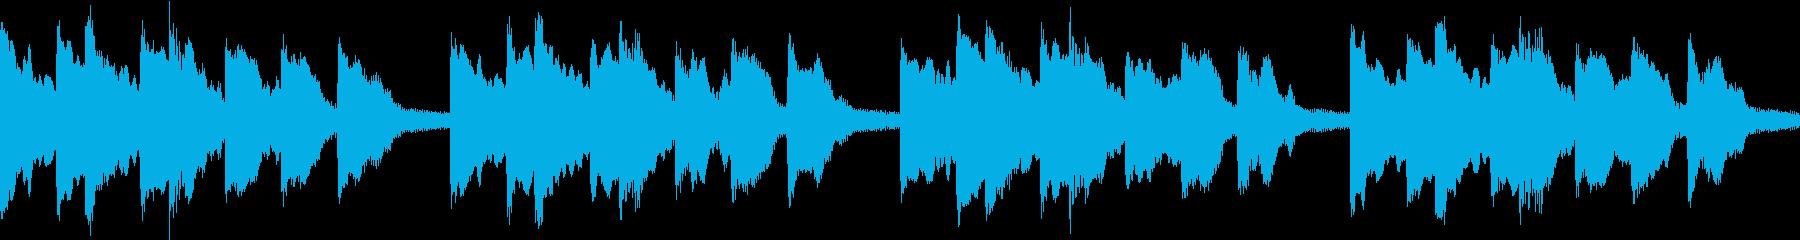 シンプル ベル 着信音 チャイム B15の再生済みの波形